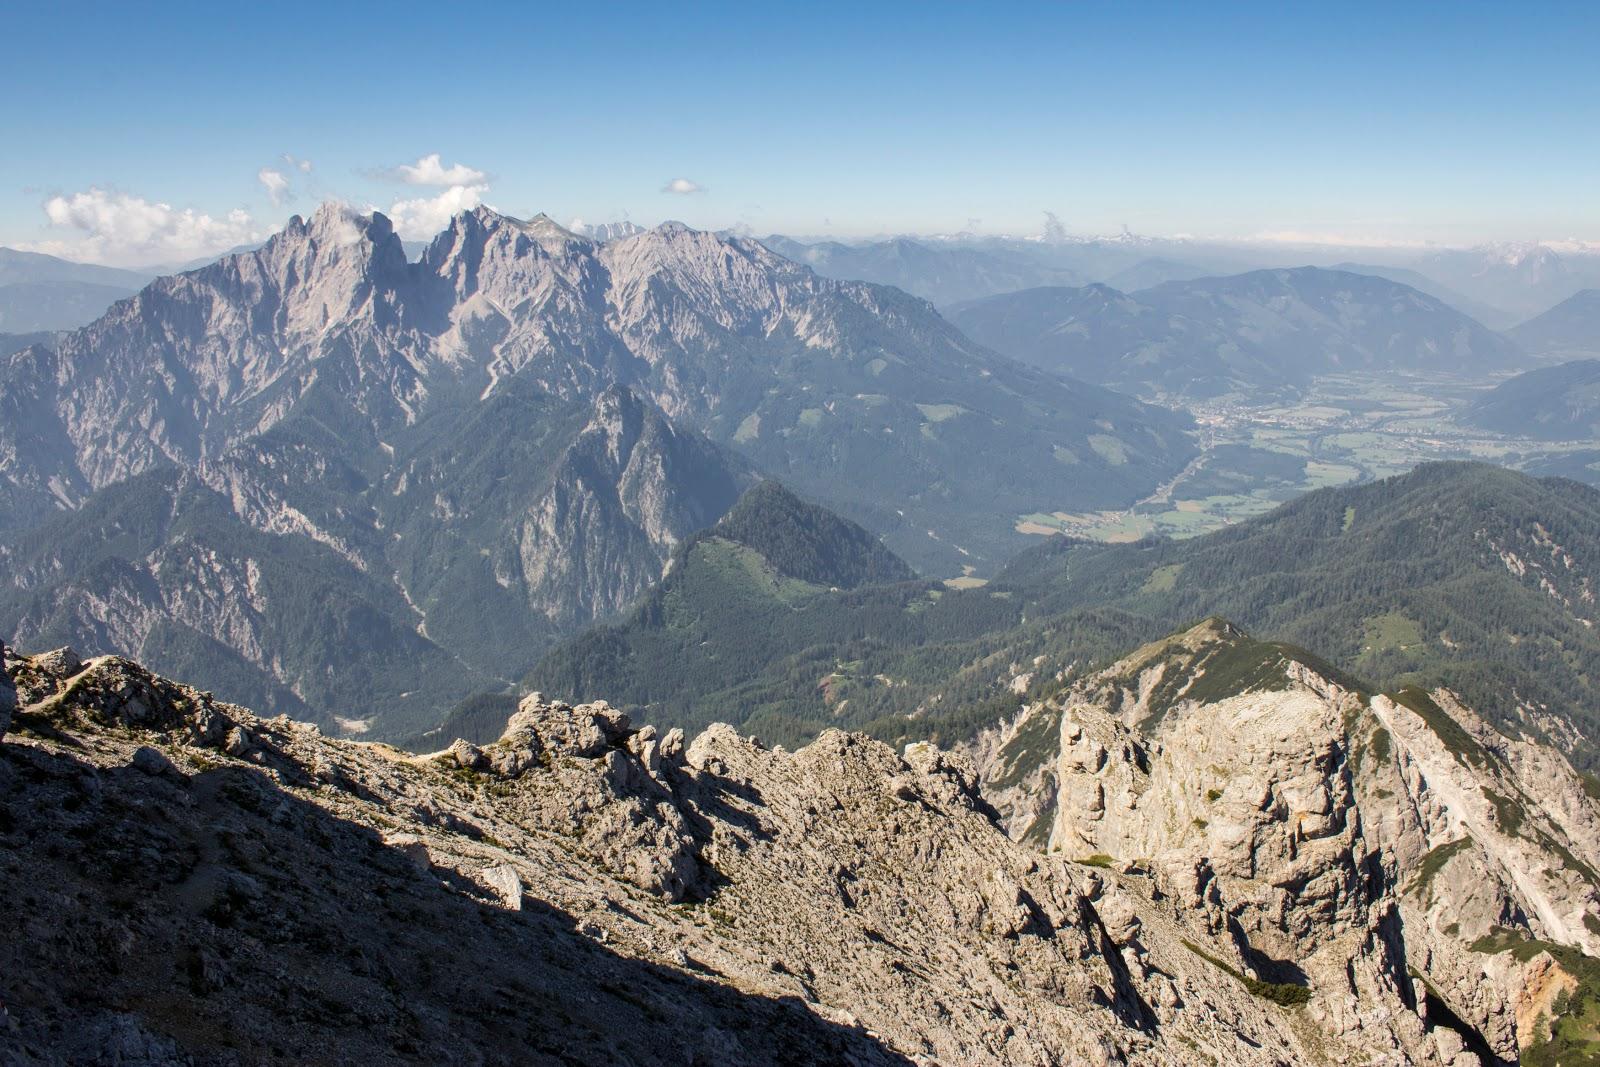 Zweitätige Wanderung im Gesäuse von Gsatterboden zum Buchsteinhaus und weiter über den Südwandband Klettersteig auf den Großen Buchstein